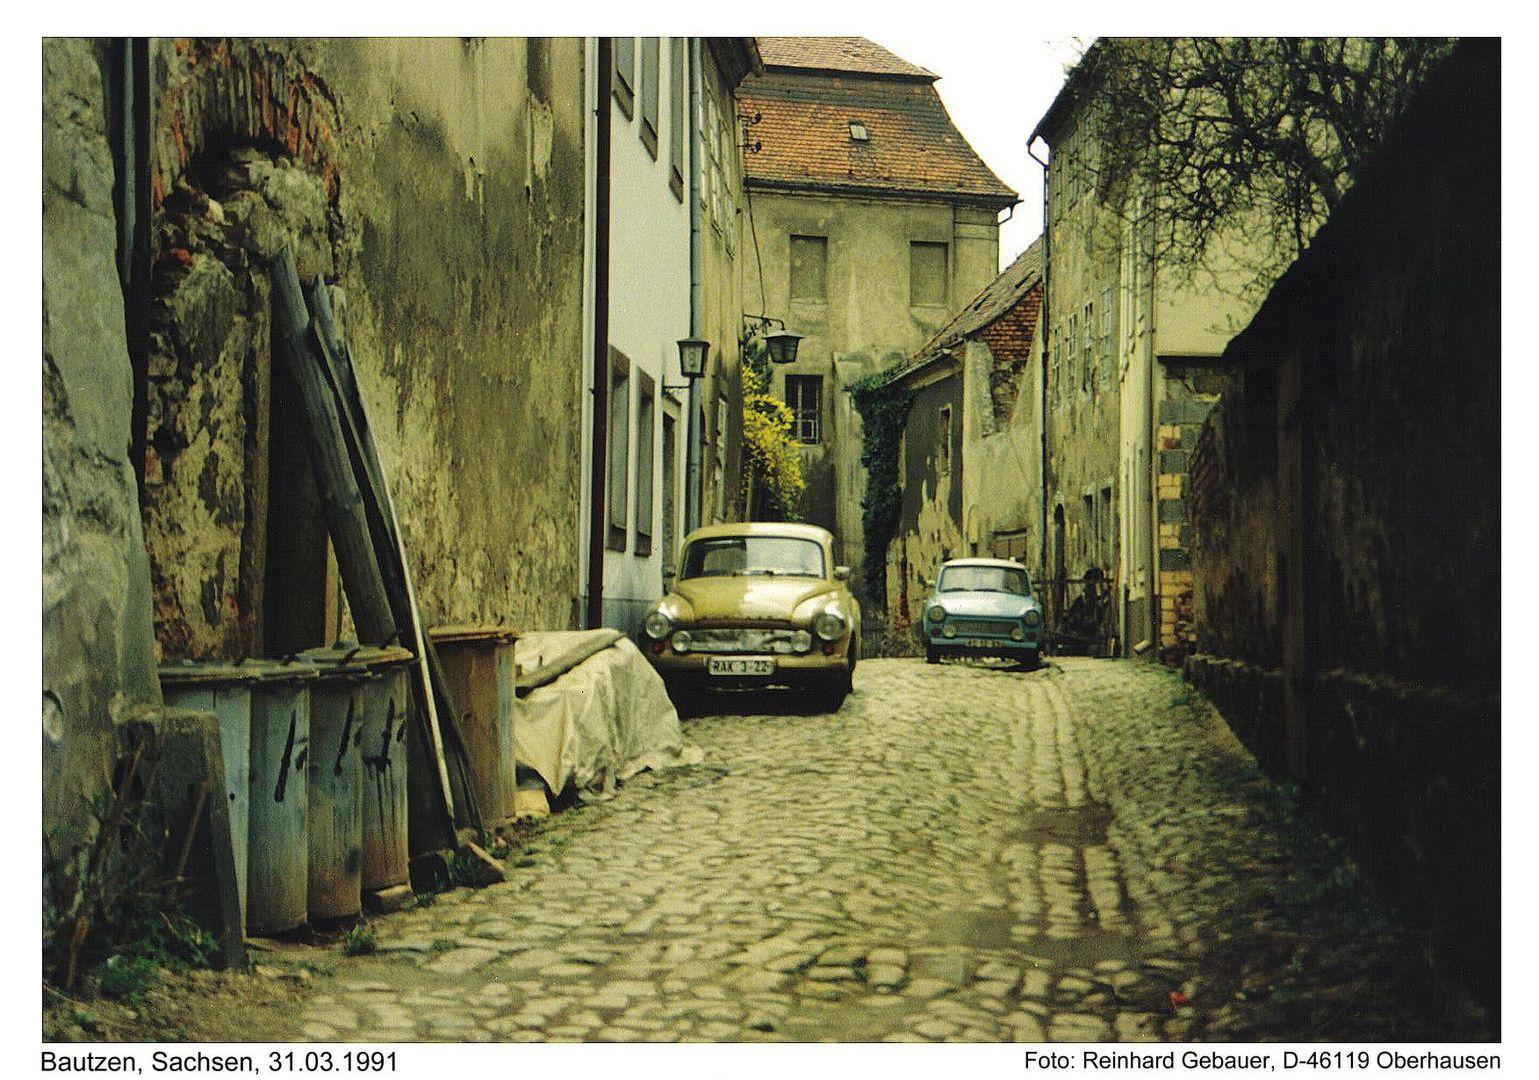 Bautzen, Oberlausitz, Sachsen, 1991